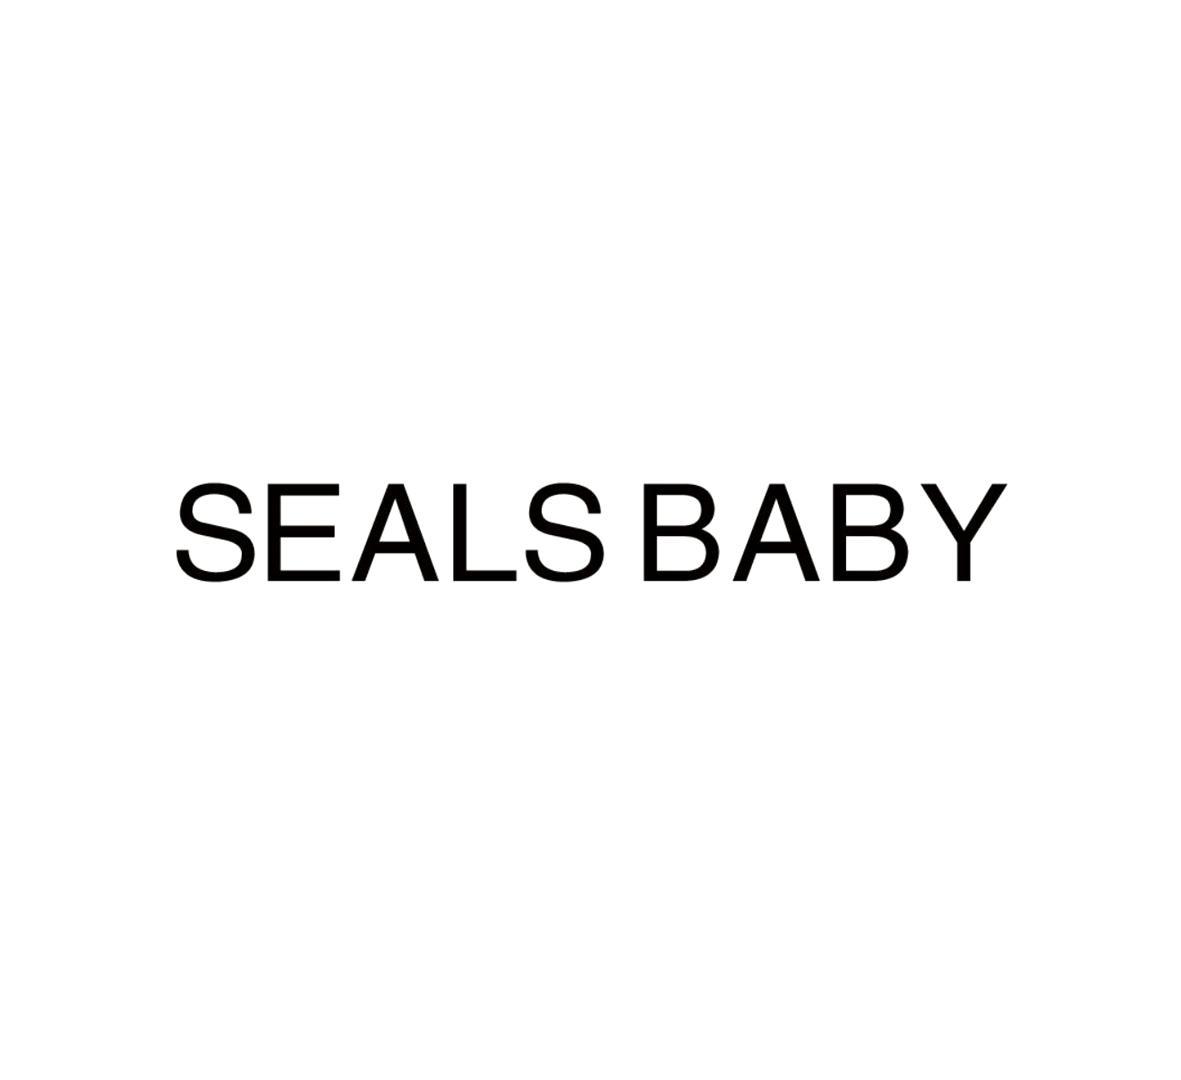 11类-电器灯具SEALS BABY商标转让